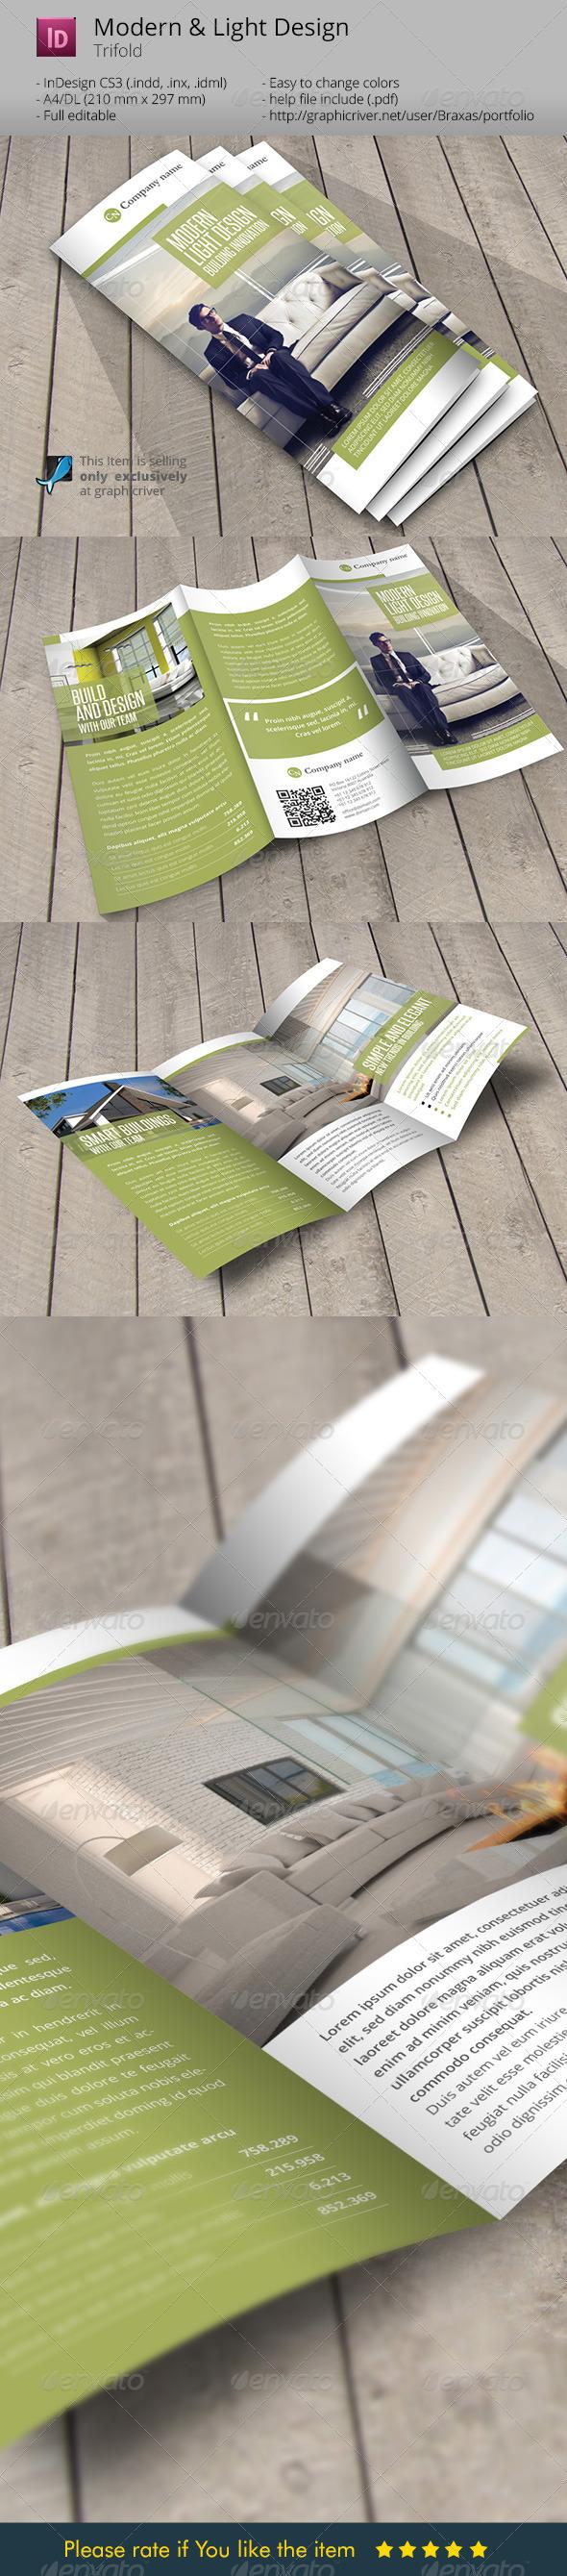 Modern and Light Design Indesign Template Brochure - Informational Brochures